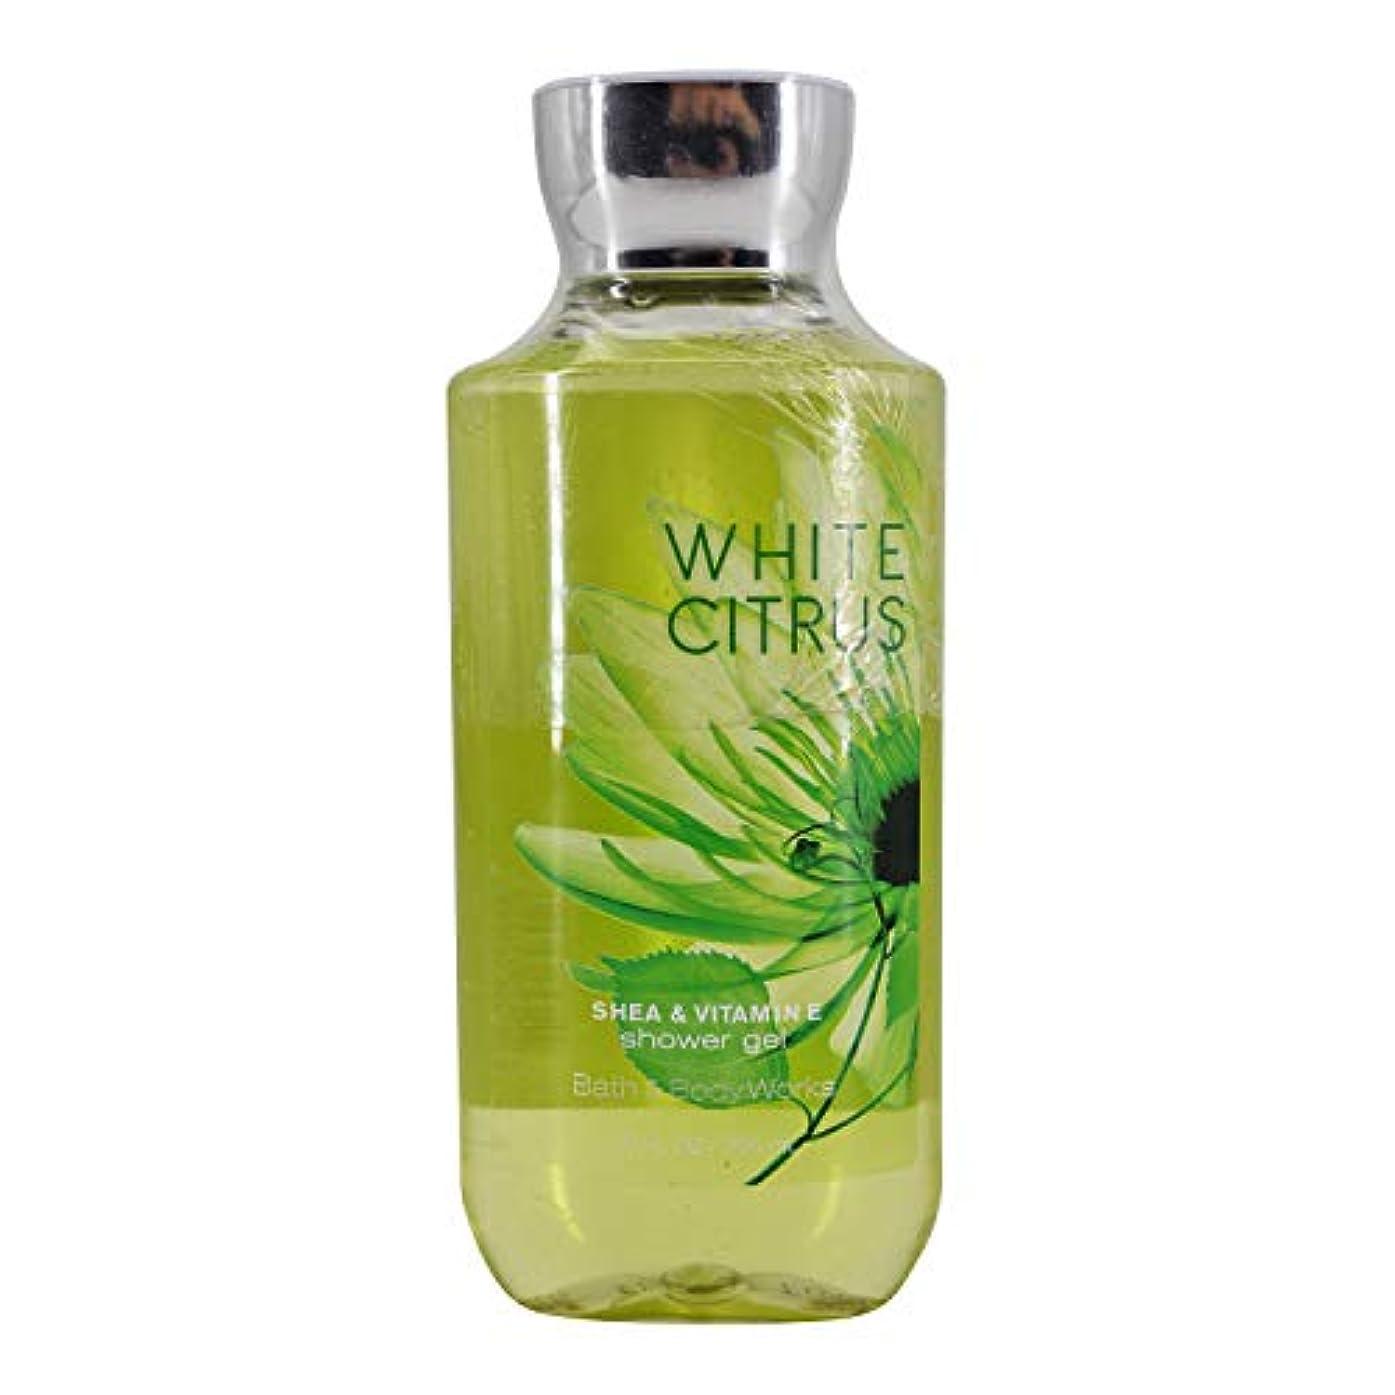 拷問チューリップ神秘的な【Bath&Body Works/バス&ボディワークス】 シャワージェル ホワイトシトラス Shower Gel White Citrus 10 fl oz / 295 mL [並行輸入品]